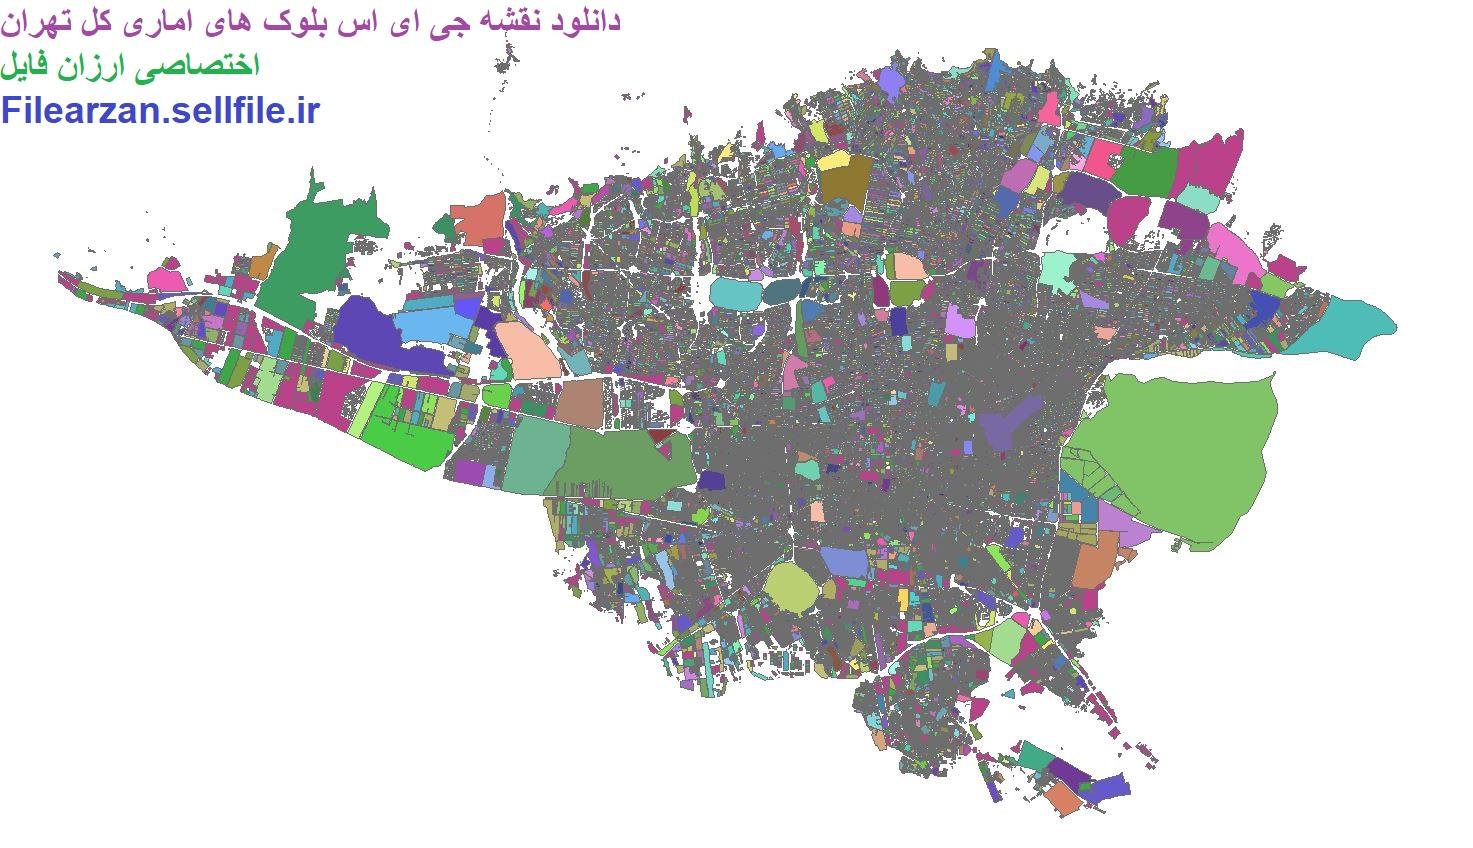 نقشه gis بلوک های جمعیتی شهر تهران